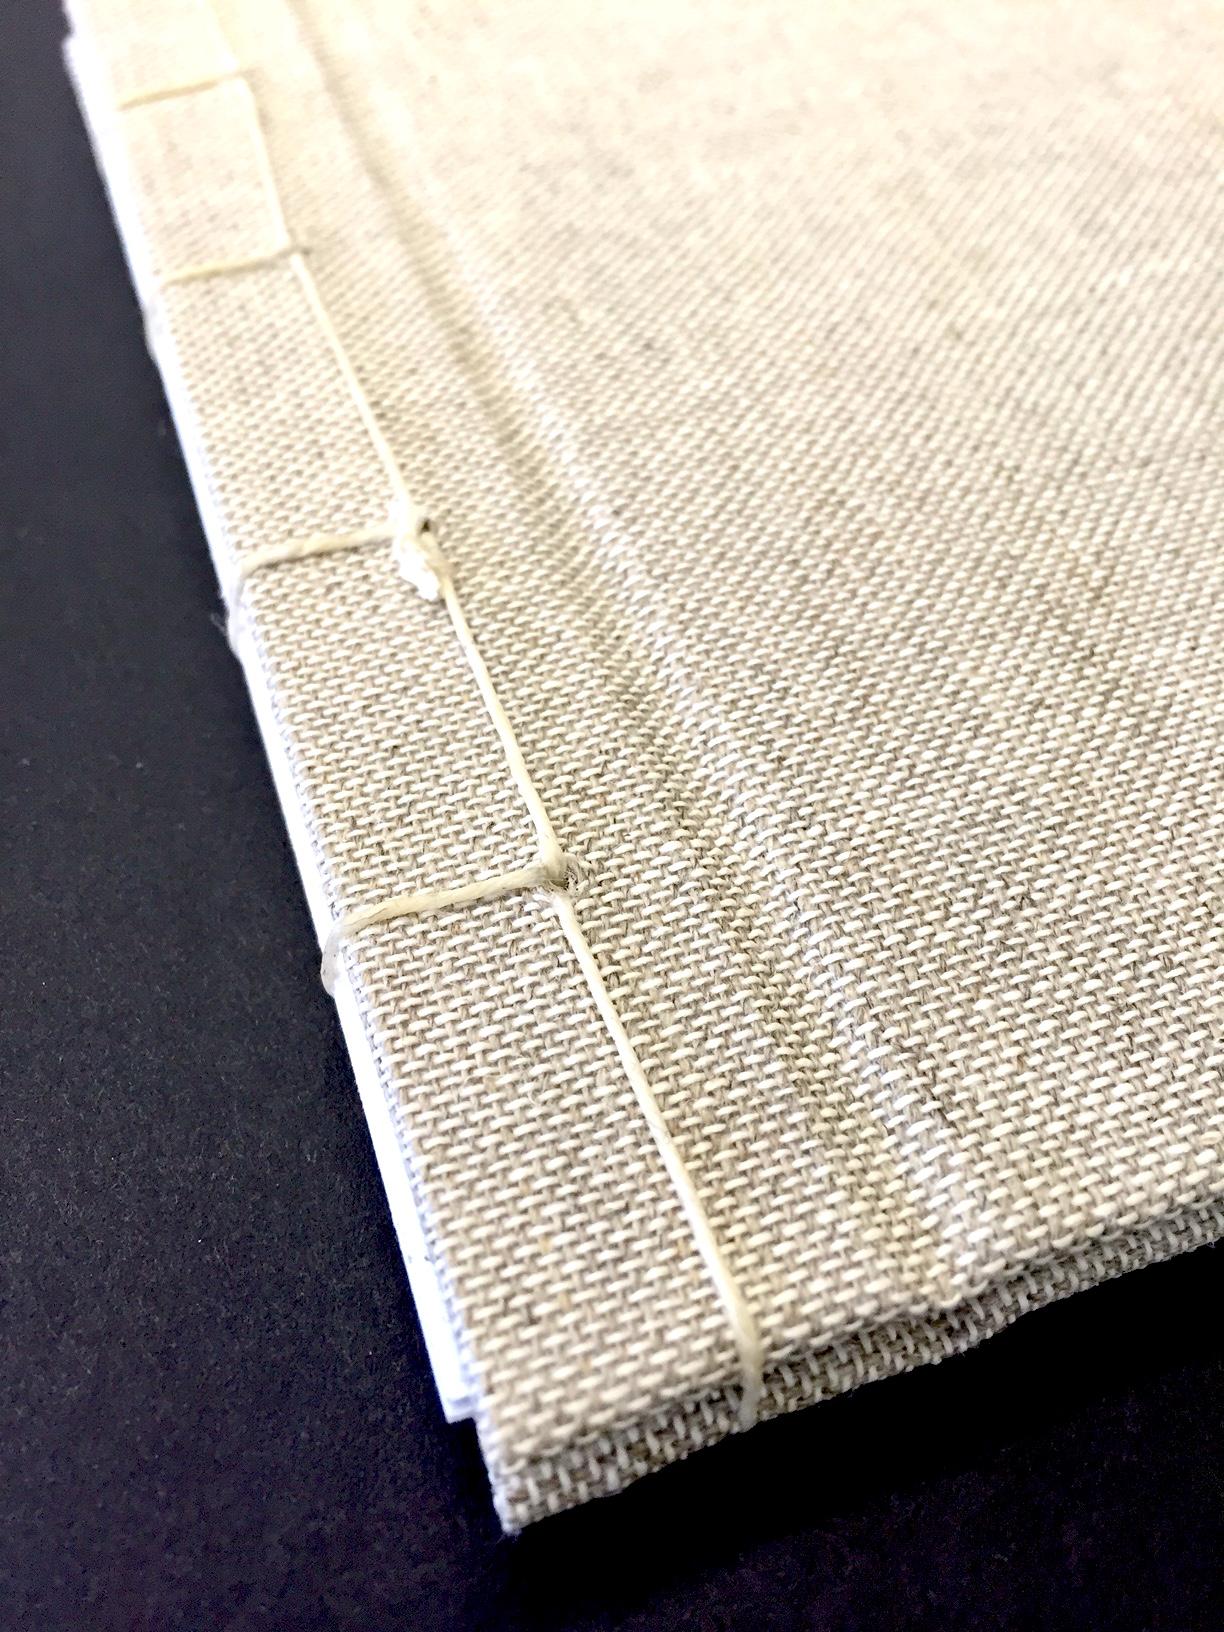 book cover3 binding.JPG